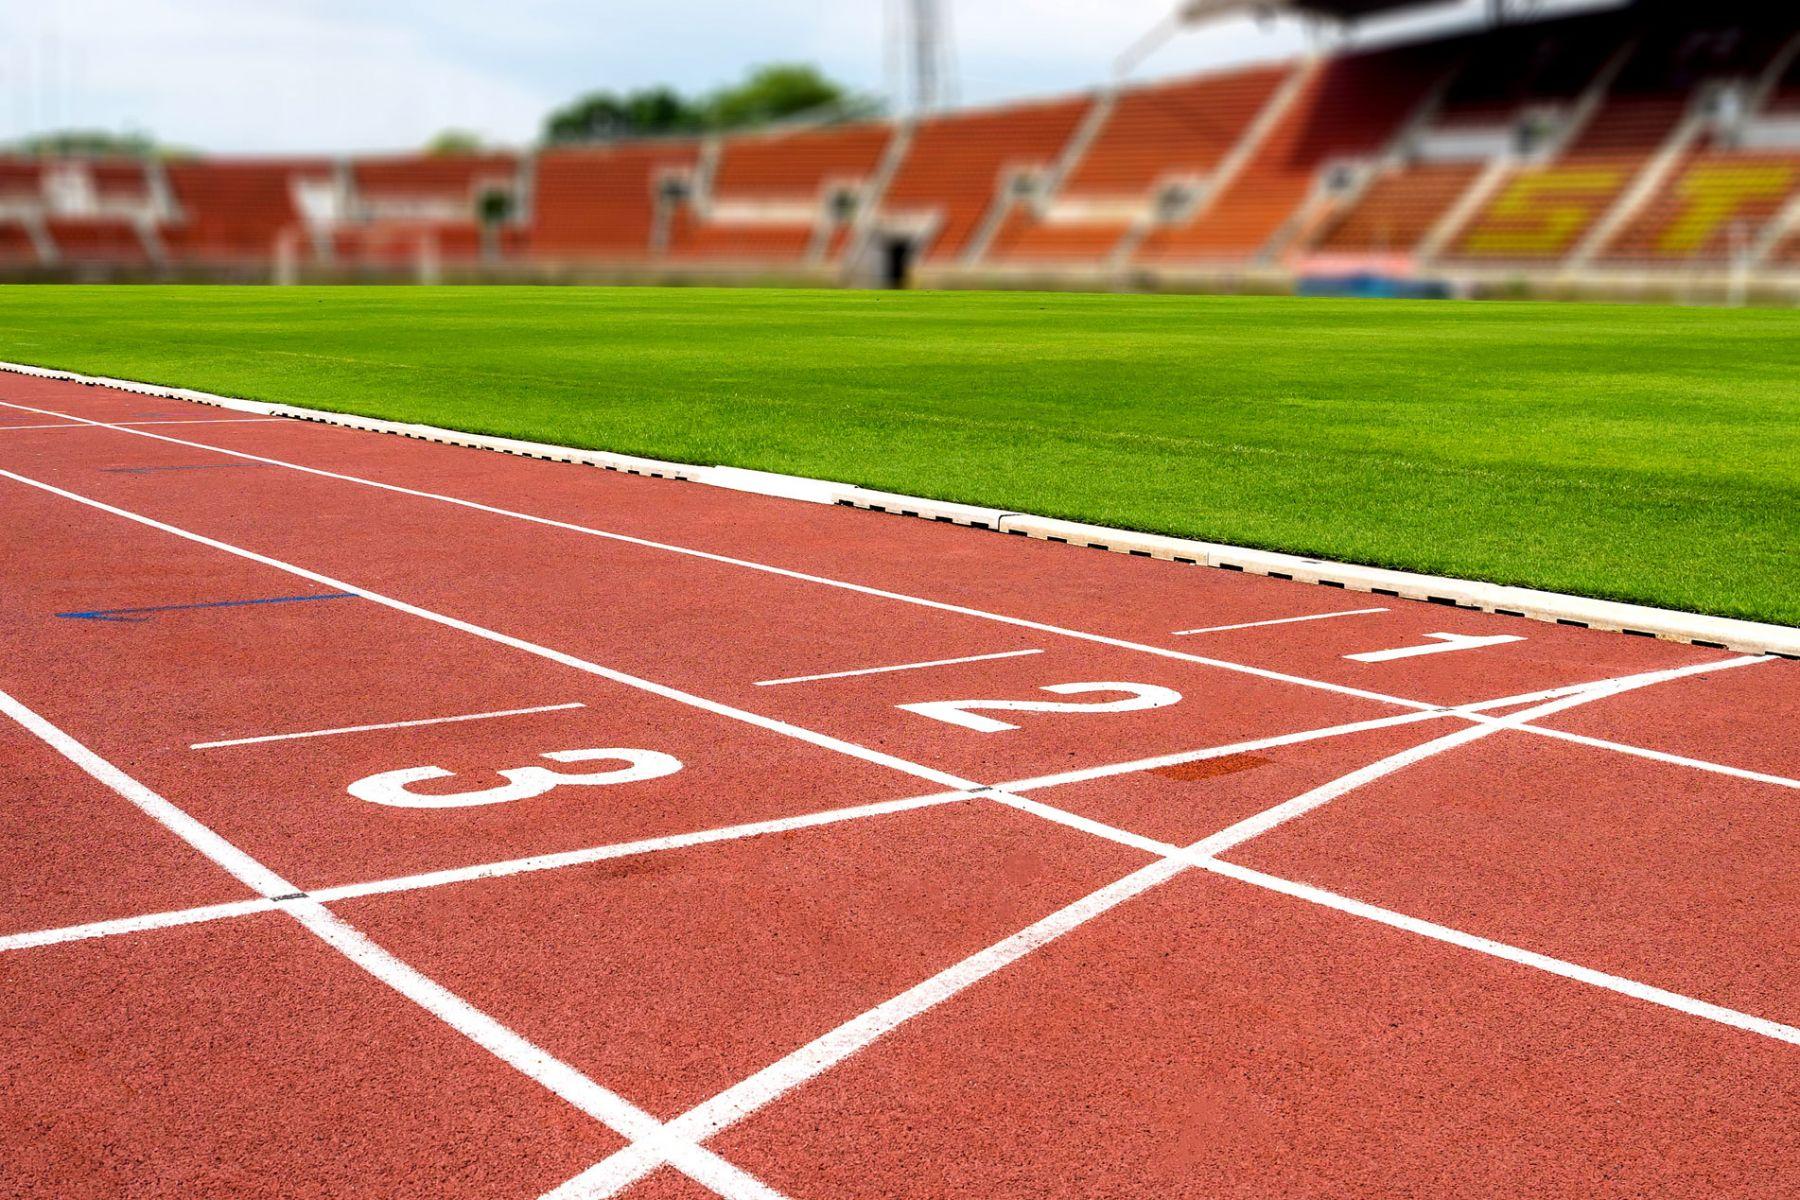 捷報!《今周刊》以「體育界的轉型正義 還要等多久?」榮獲SOPA「卓越突發新聞獎」!